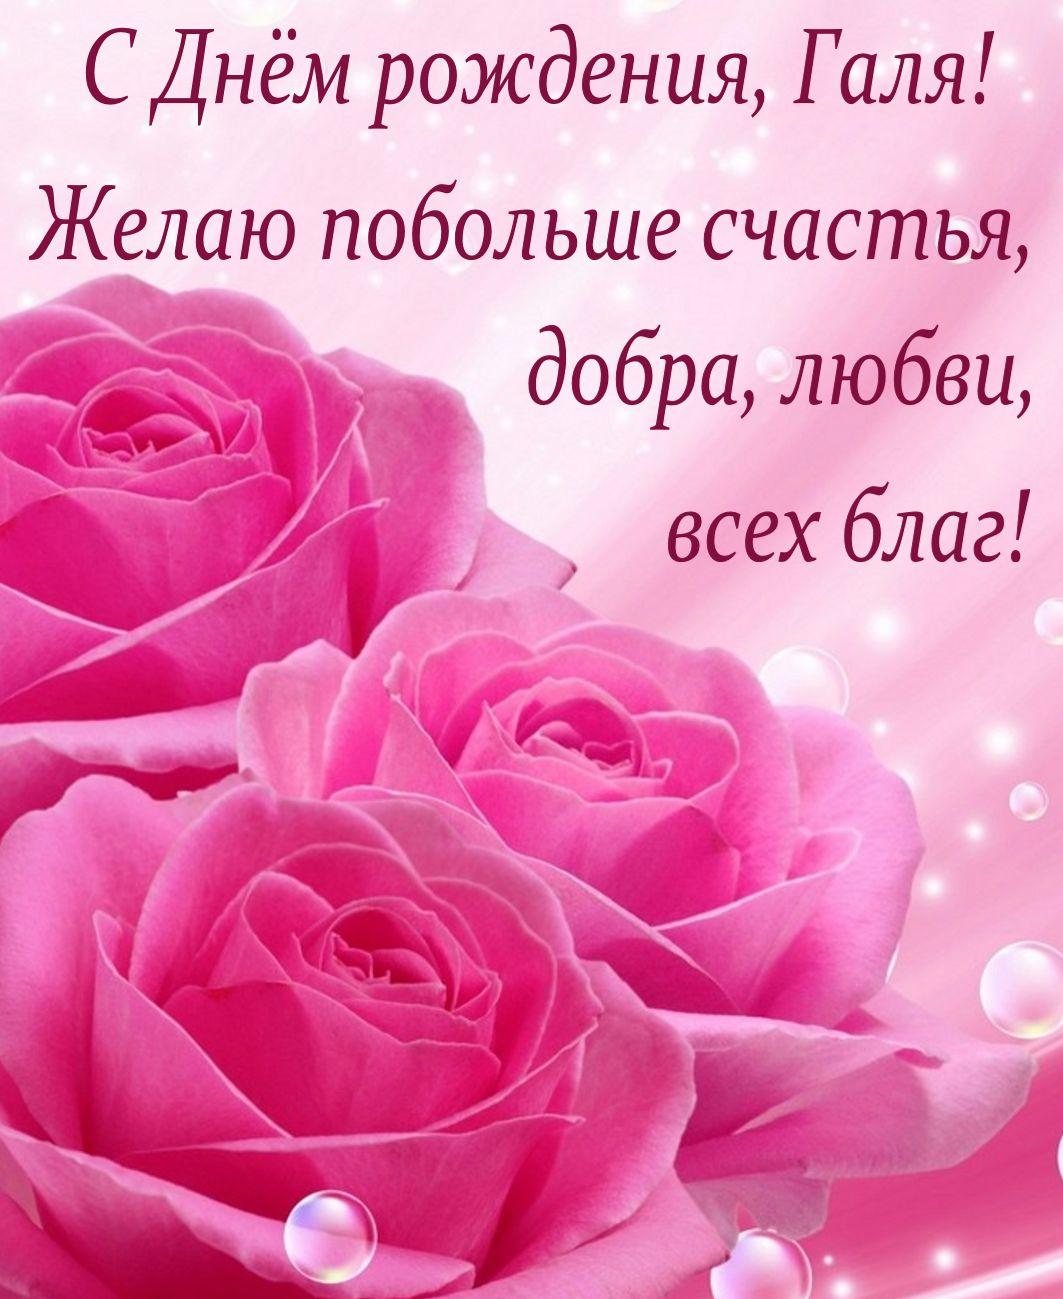 Розовые розы и пожелание на День рождения